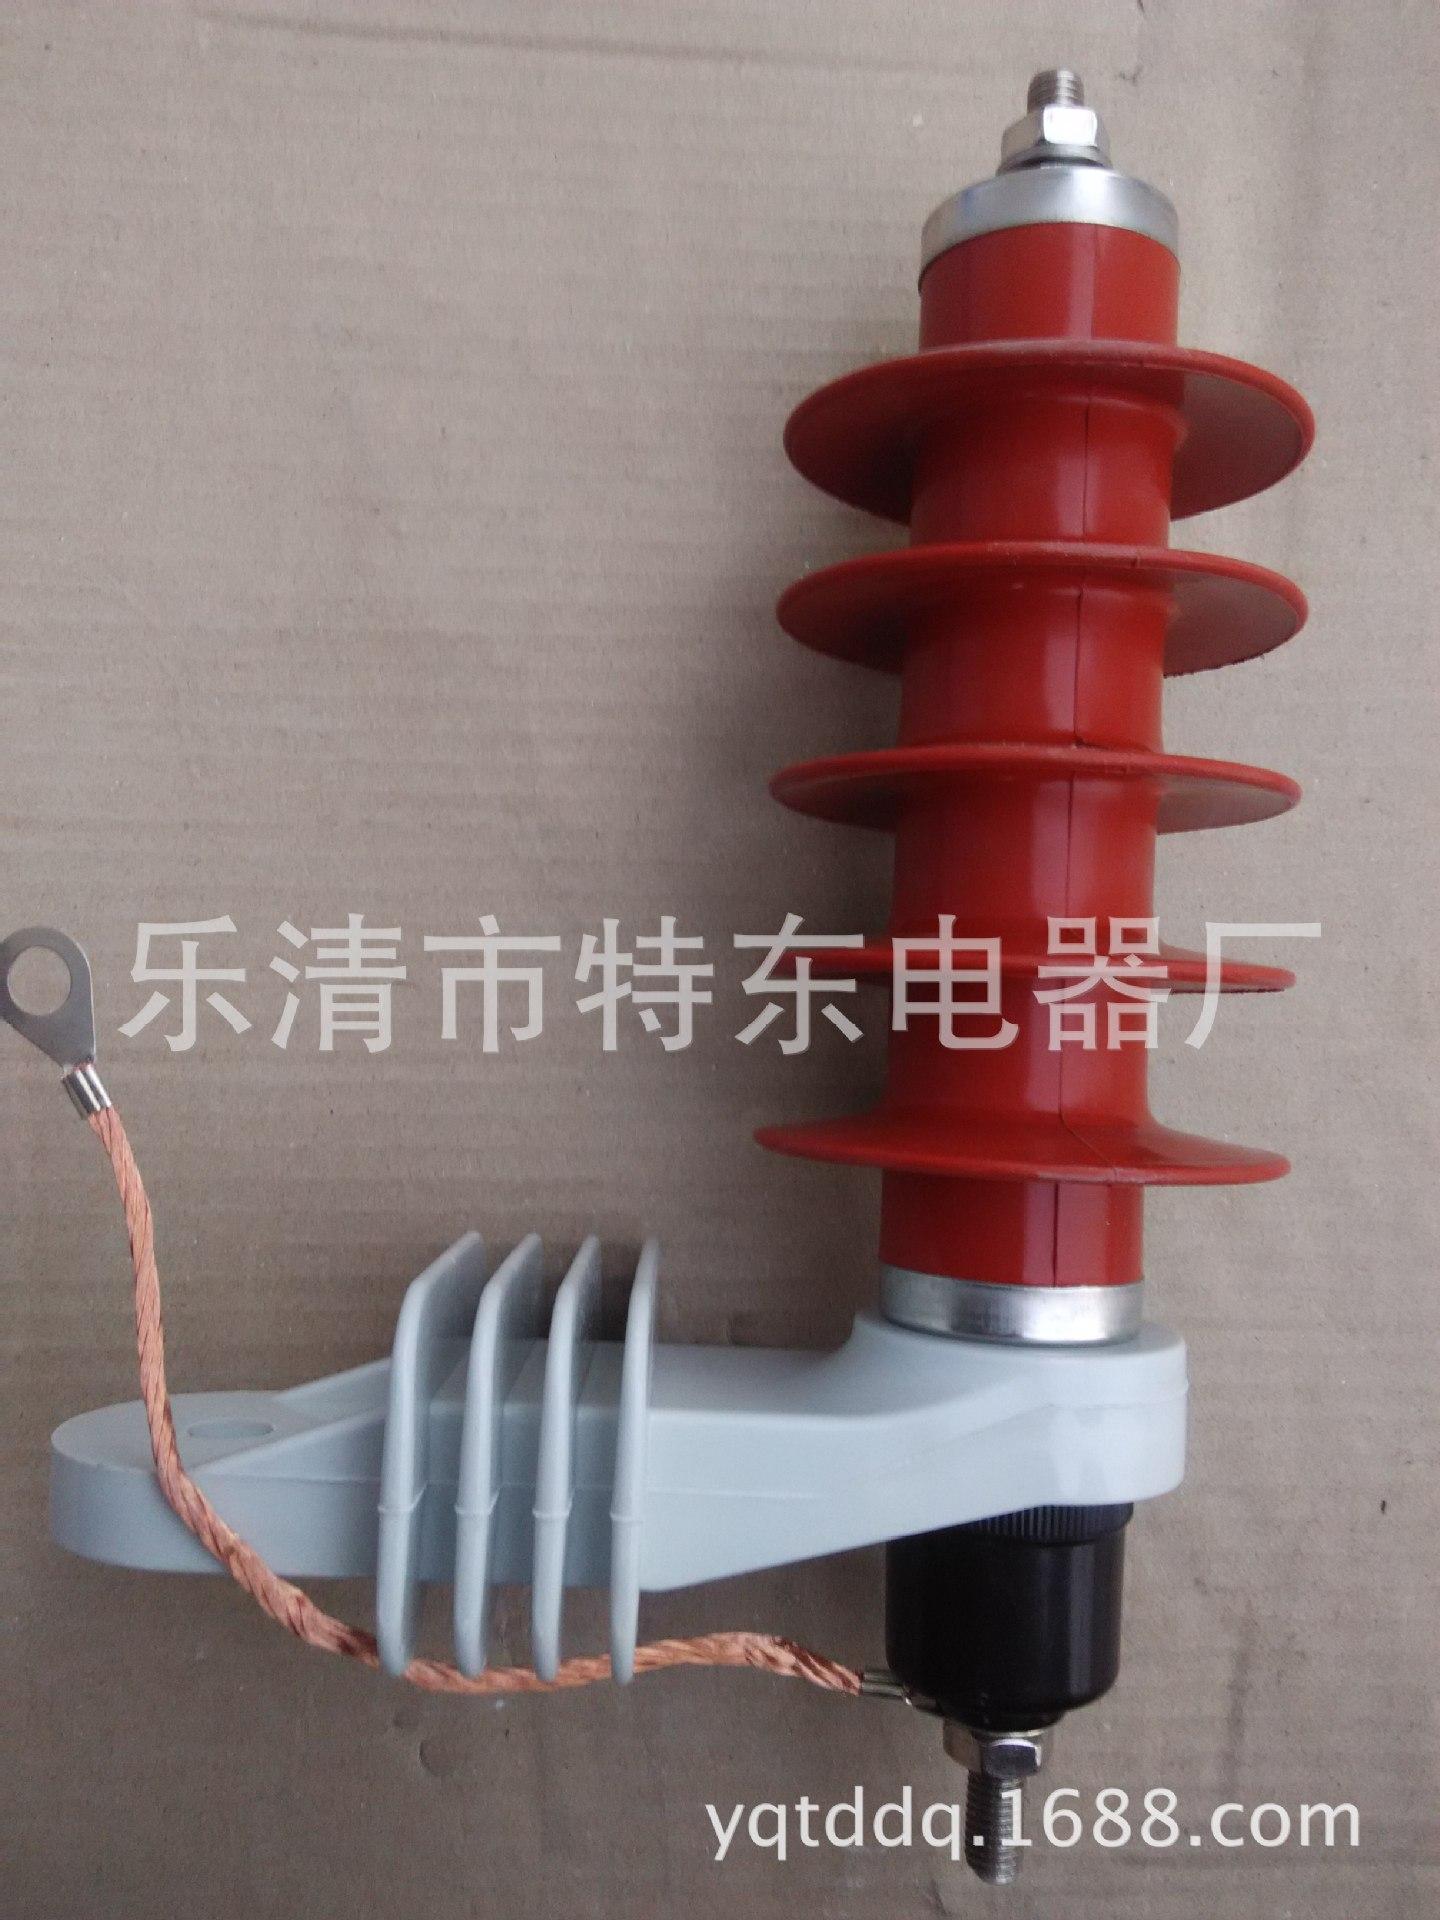 氧化锌避雷器 HY5WZ 17 50 带脱离器安装支架 一组3只图片